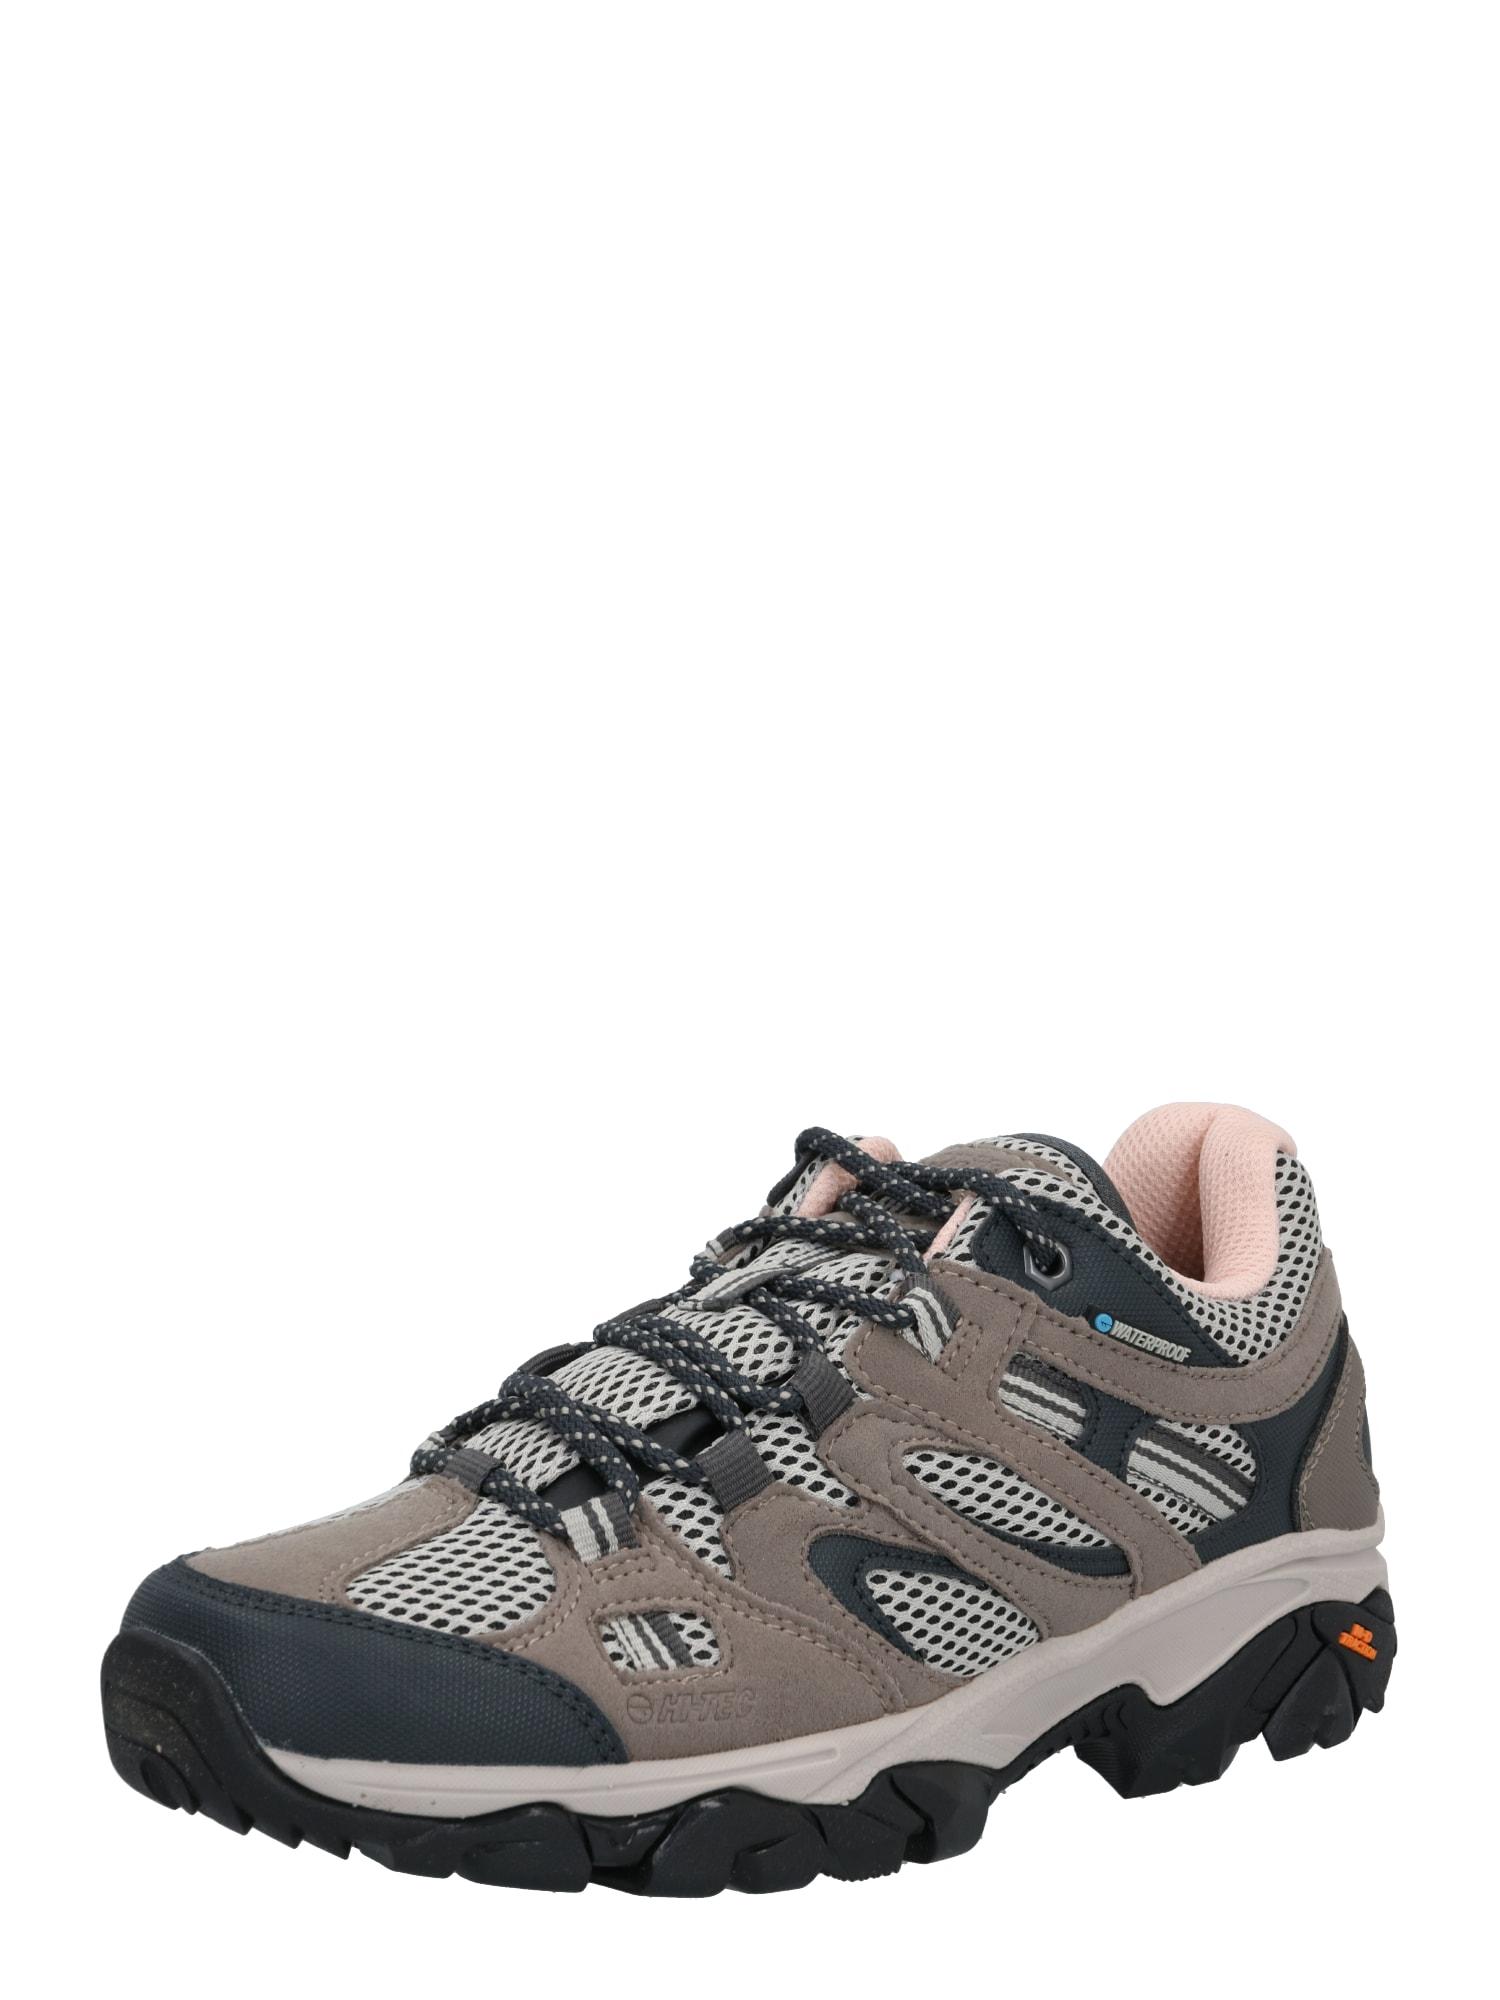 HI-TEC Sportiniai batai pilka / rausvai pilka / juoda / pastelinė rožinė